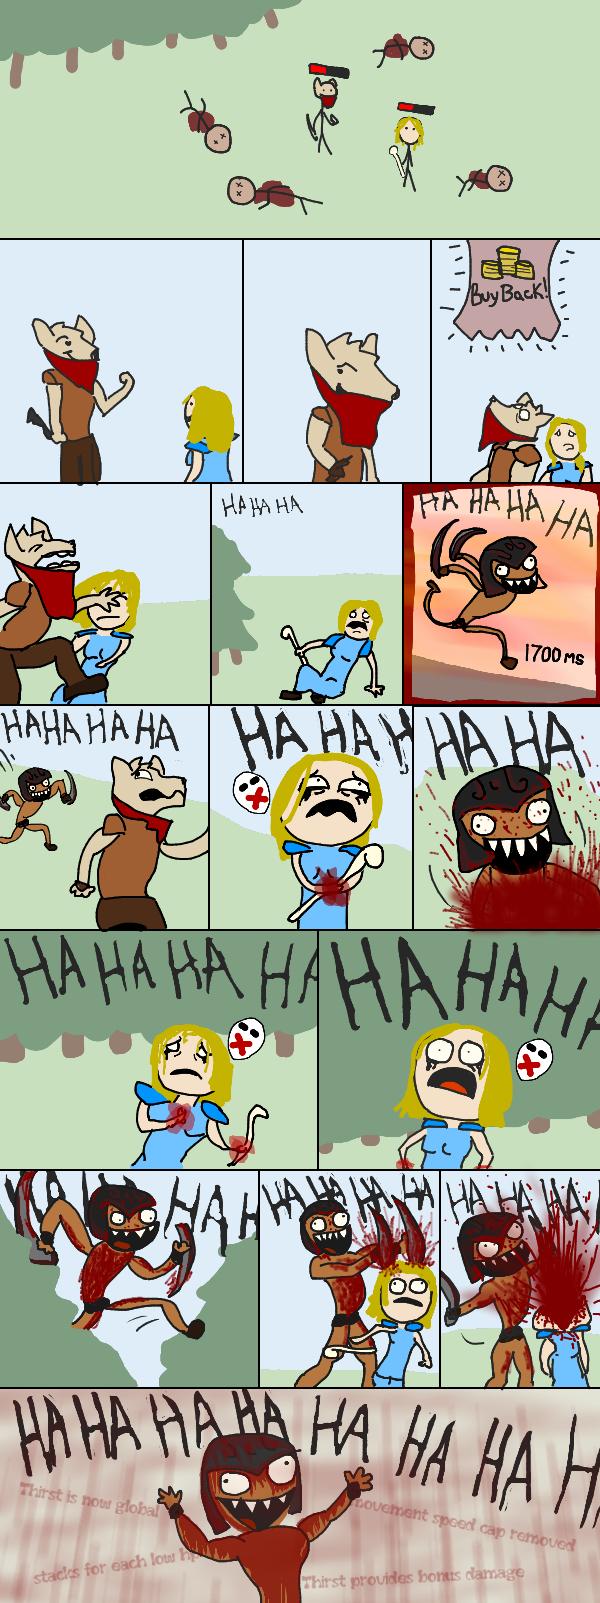 Buffed Bloodseeker by TBSdota